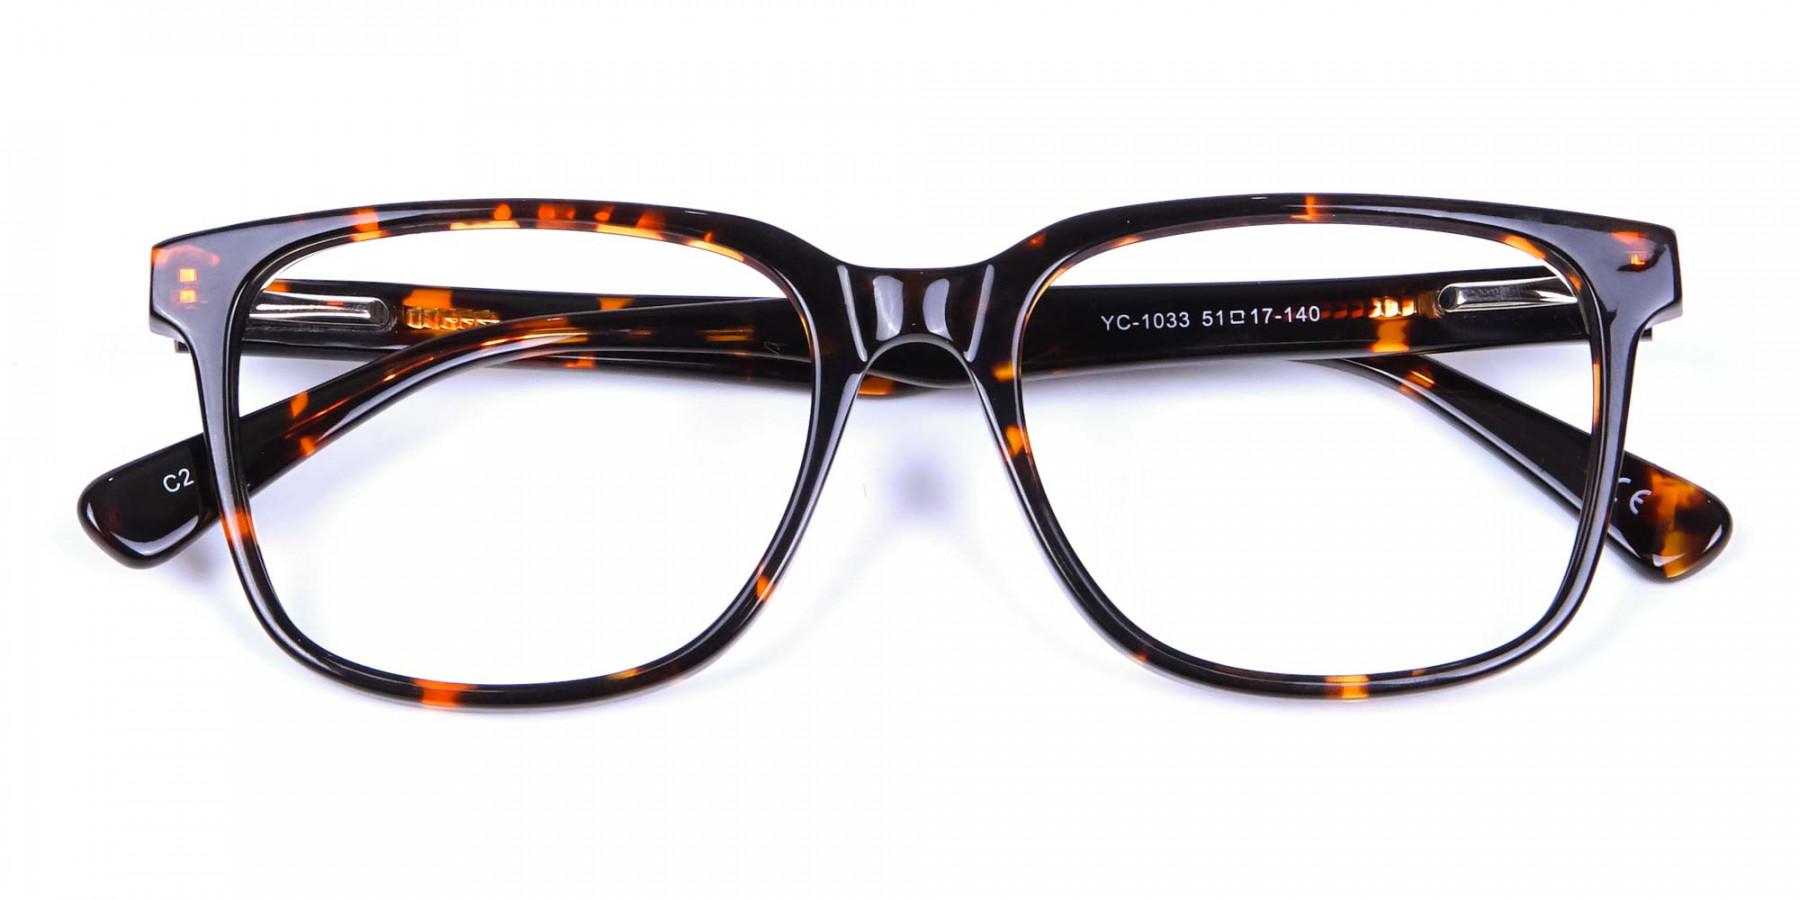 Tortoiseshell Round Eyeglasses